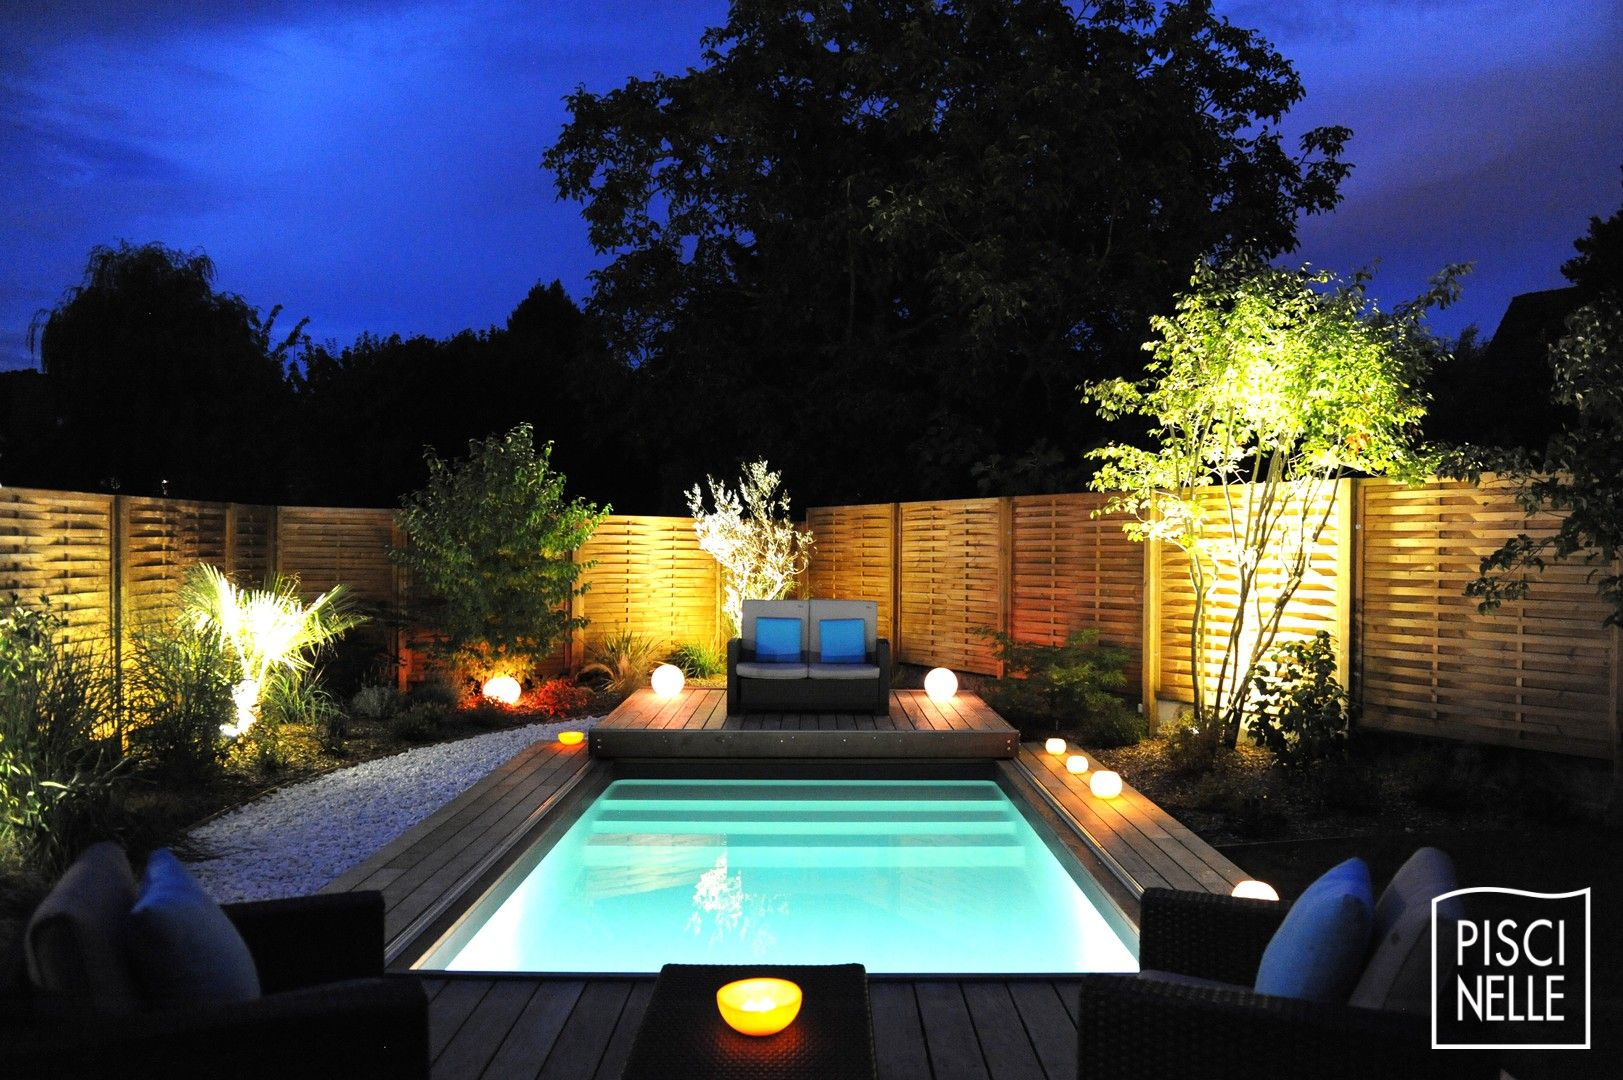 Une petite piscine de nuit avec terrasse mobile en 2 parties